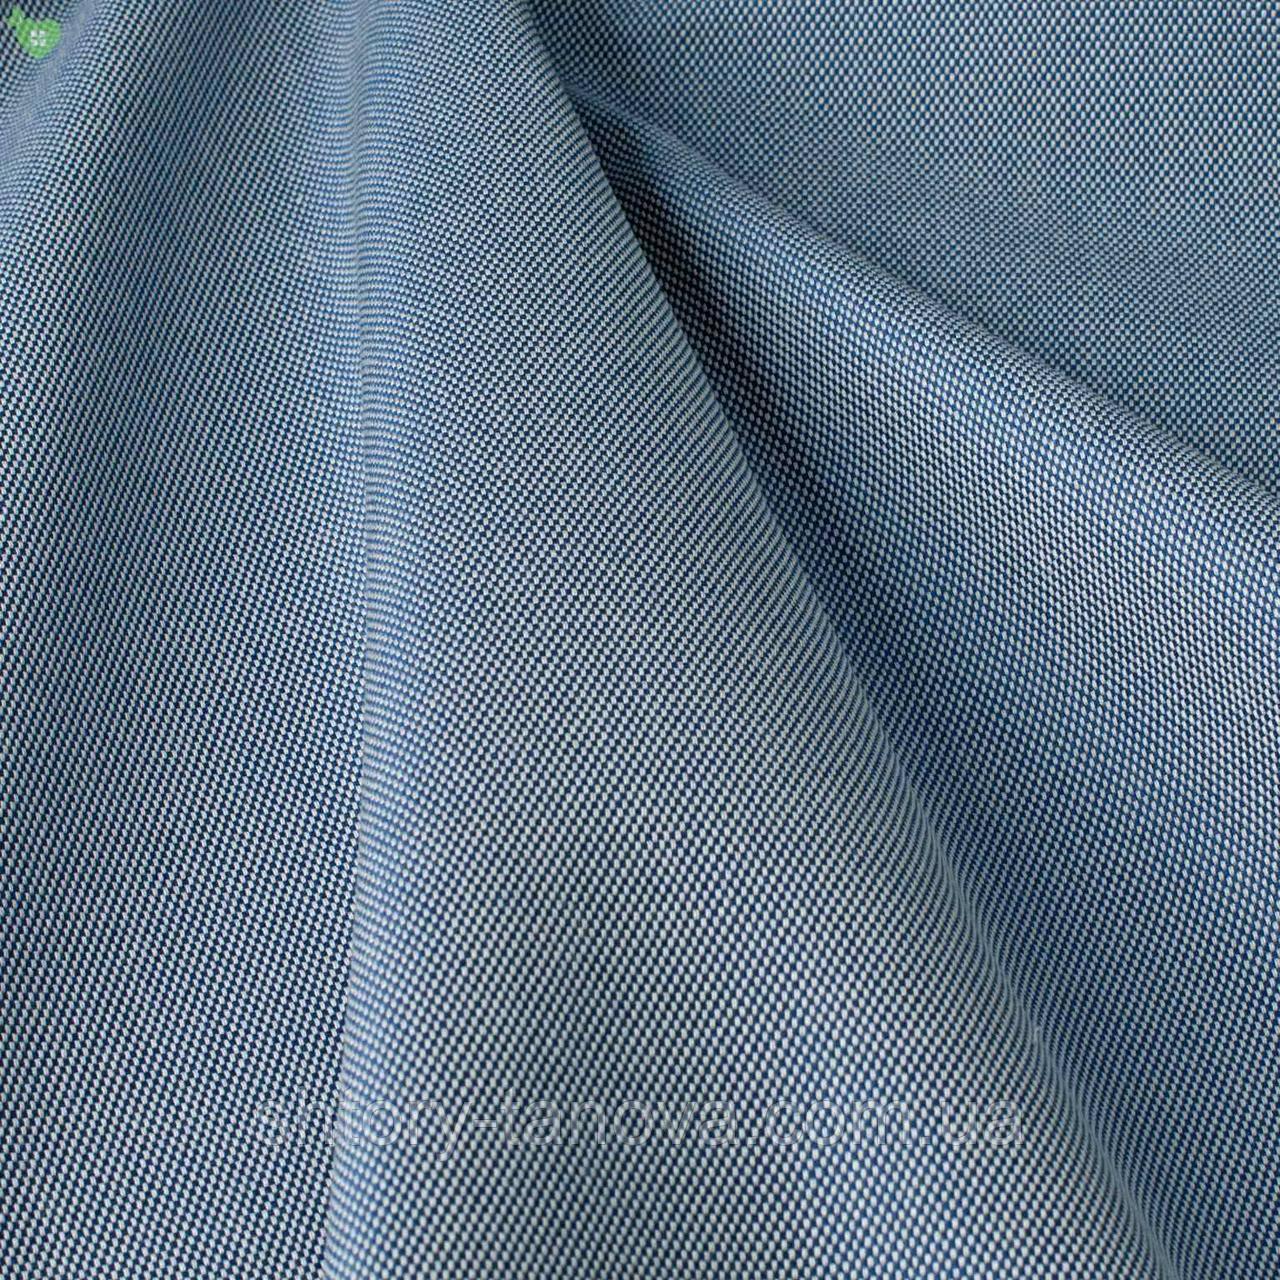 Уличная ткань с фактурой голубого цвета для штор на открытую террасу